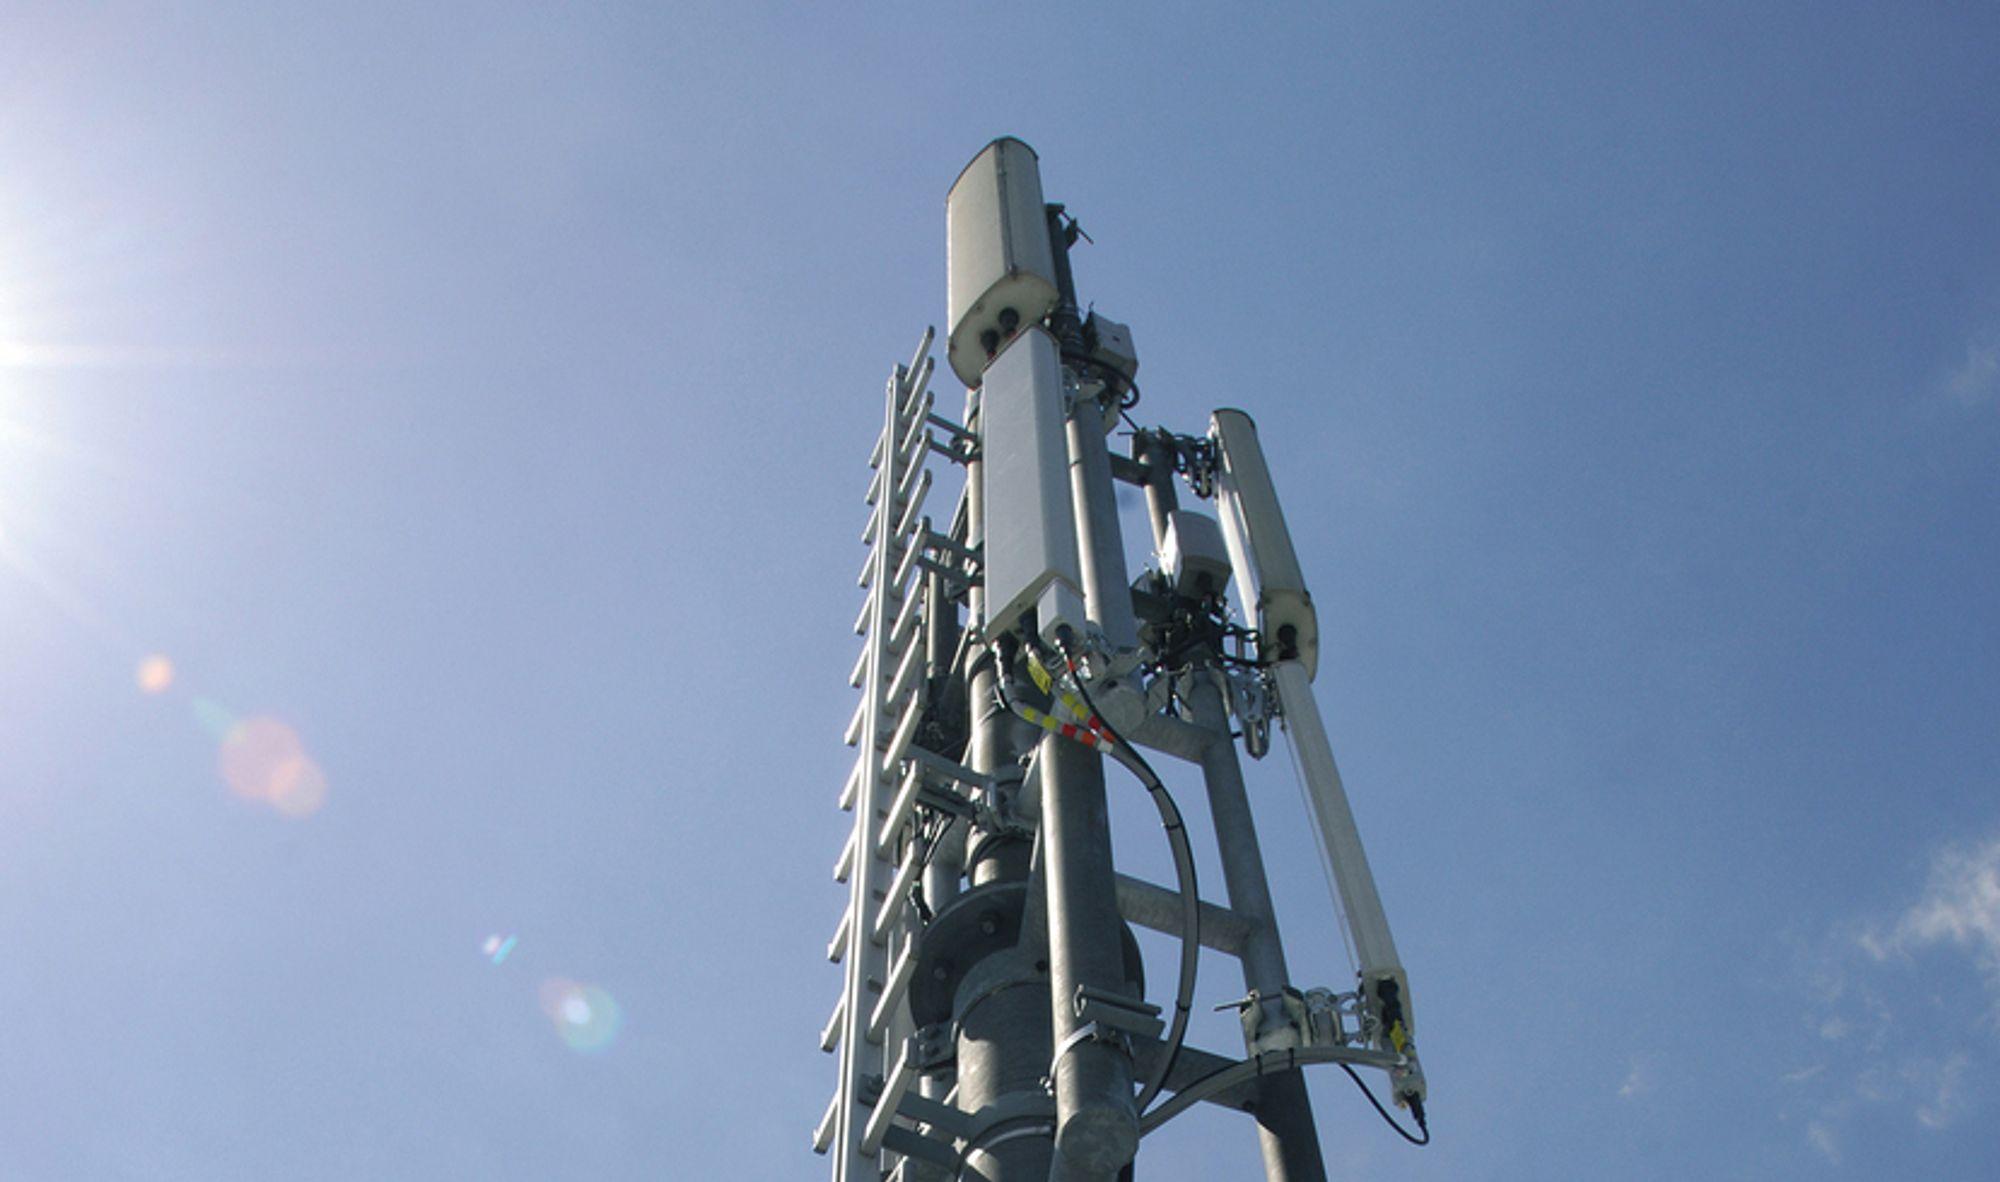 BEGYNNELSEN: Mobilproblemene fredag begynte etter omstart av en server som skulle løse trafikkproblemer med mobilt bredbånd.